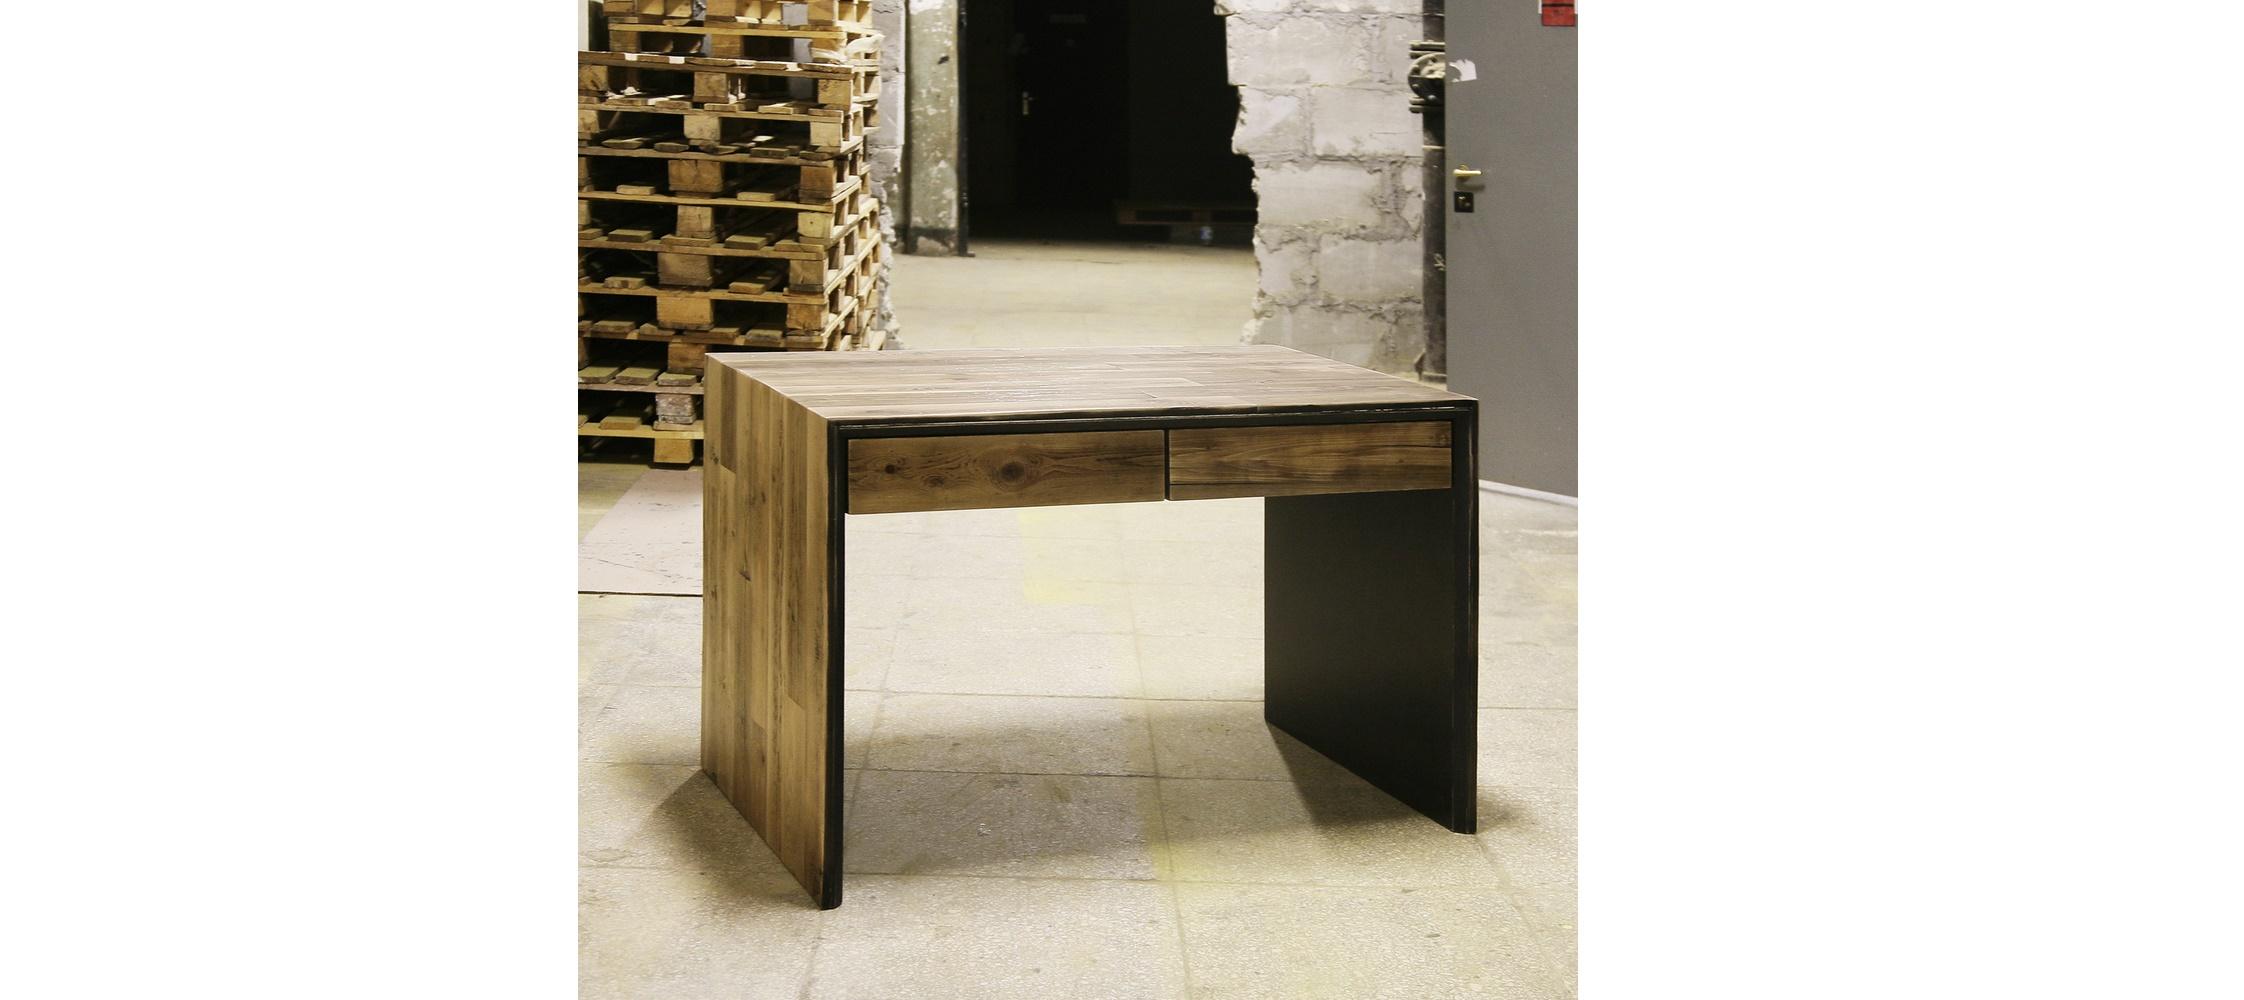 Стол oldwood stapleПисьменные столы<br>&amp;lt;div&amp;gt;Стол &amp;quot;oldwood staple&amp;quot; с двумя ящиками&amp;lt;/div&amp;gt;&amp;lt;div&amp;gt;Материал: старая доска, березовая фанера, огонь, колерованый водный лак, фурнитура blum&amp;lt;/div&amp;gt;<br><br>Material: Береза<br>Length см: None<br>Width см: 110<br>Depth см: 70<br>Height см: 76